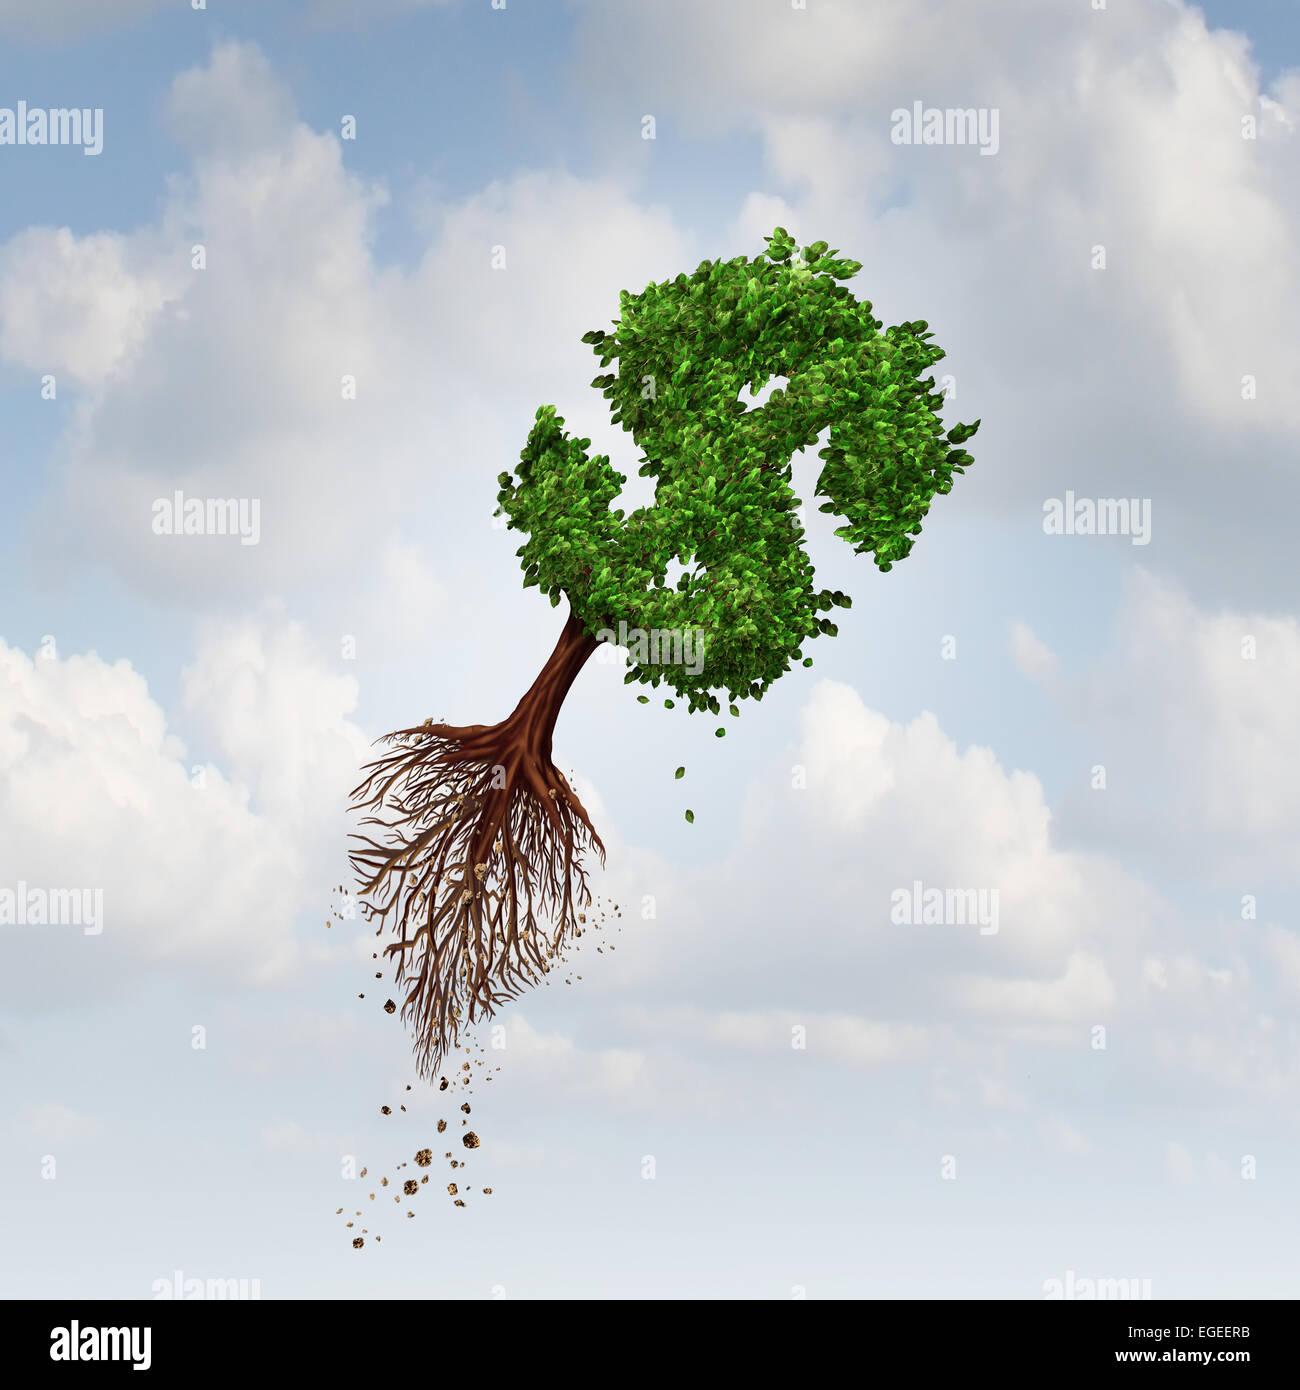 Geld-Flug-Business-Konzept als fliegende Baum mit entwurzelten Wurzeln geprägt als ein Dollar-Zeichen als Symbol Stockbild